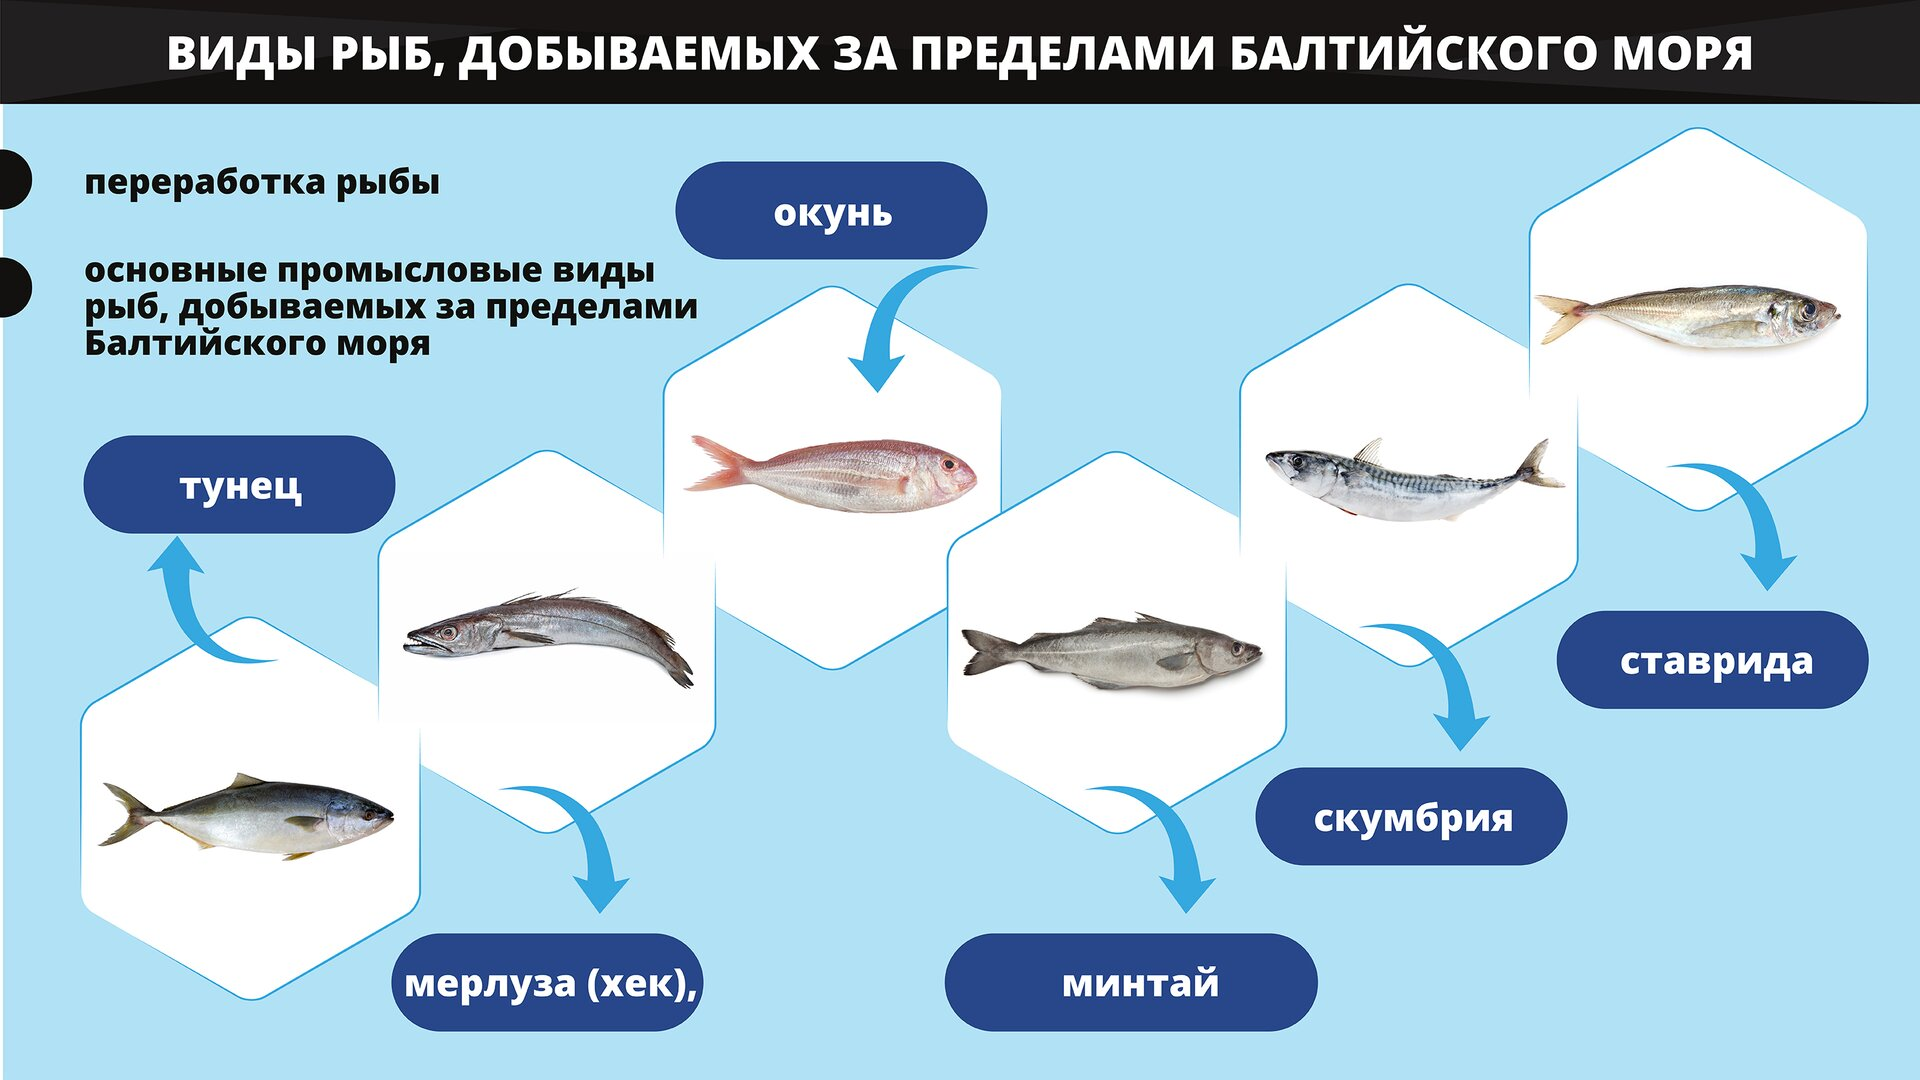 На изображении представлены основные промысловые виды рыб, добываемых за пределами Балтийского моря, используемые в переработке рыбы. Grafika przedstawia podstawowe gatunki ryb poławianych poza Morzem Bałtyckim wykorzystywane wprzetwórstwie rybnym.